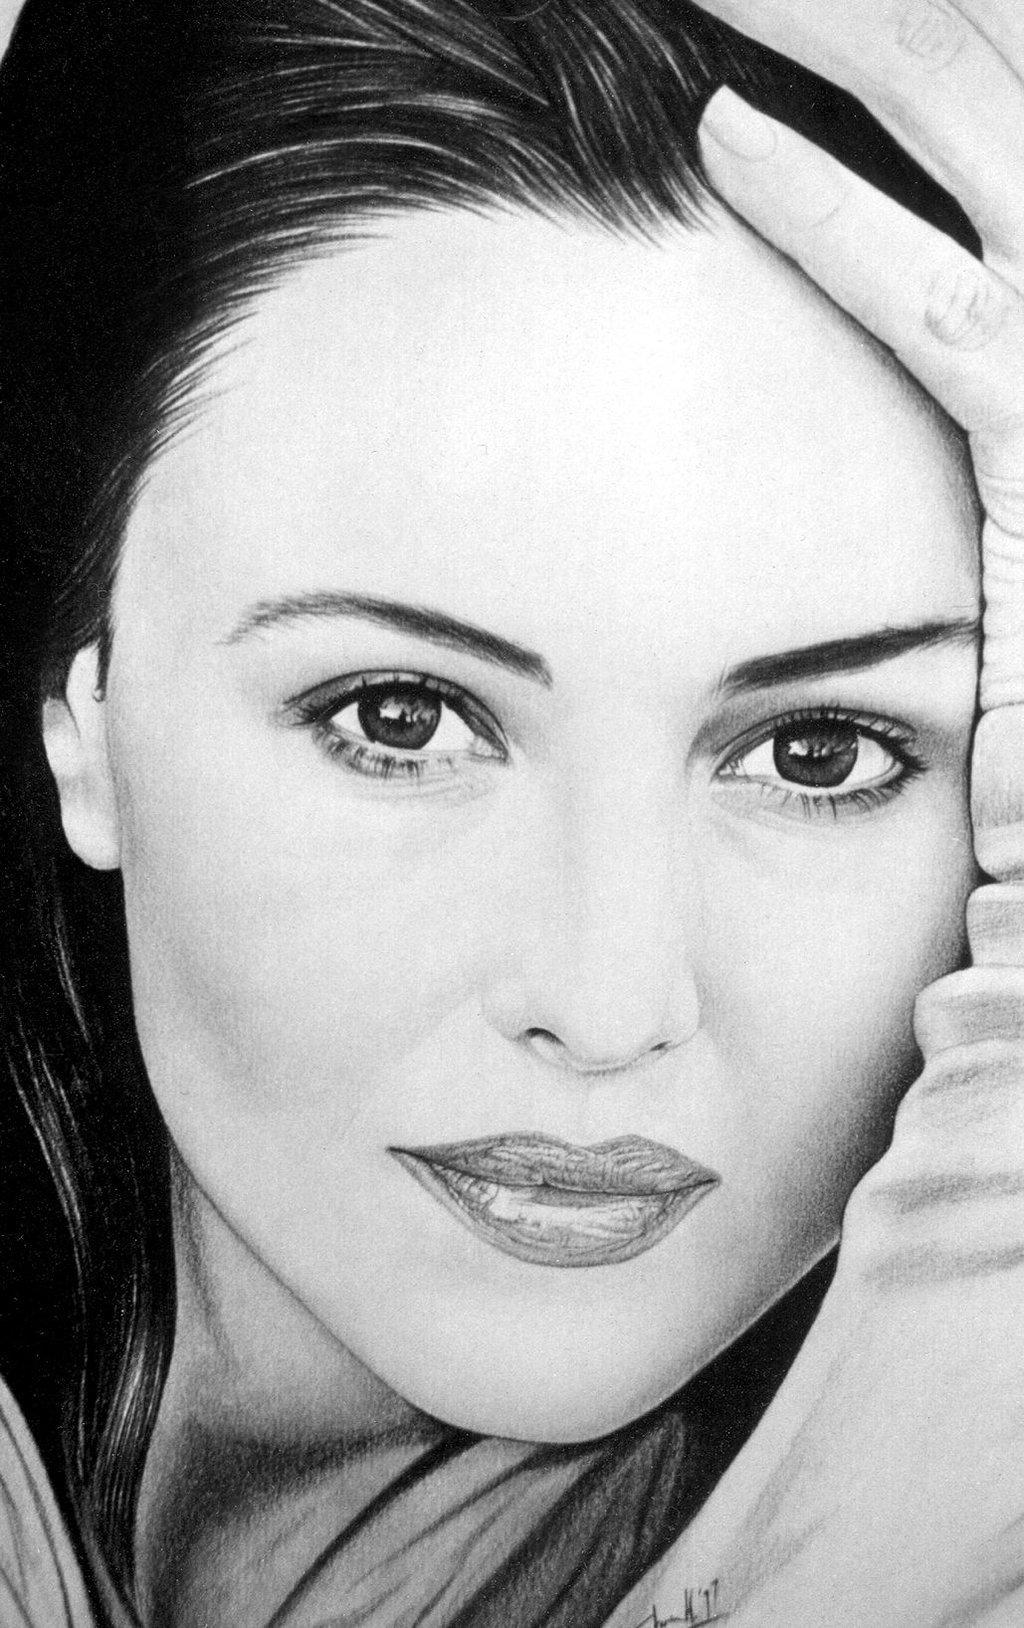 Drawn portrait monica bellucci Monica bellucci7 monica on by